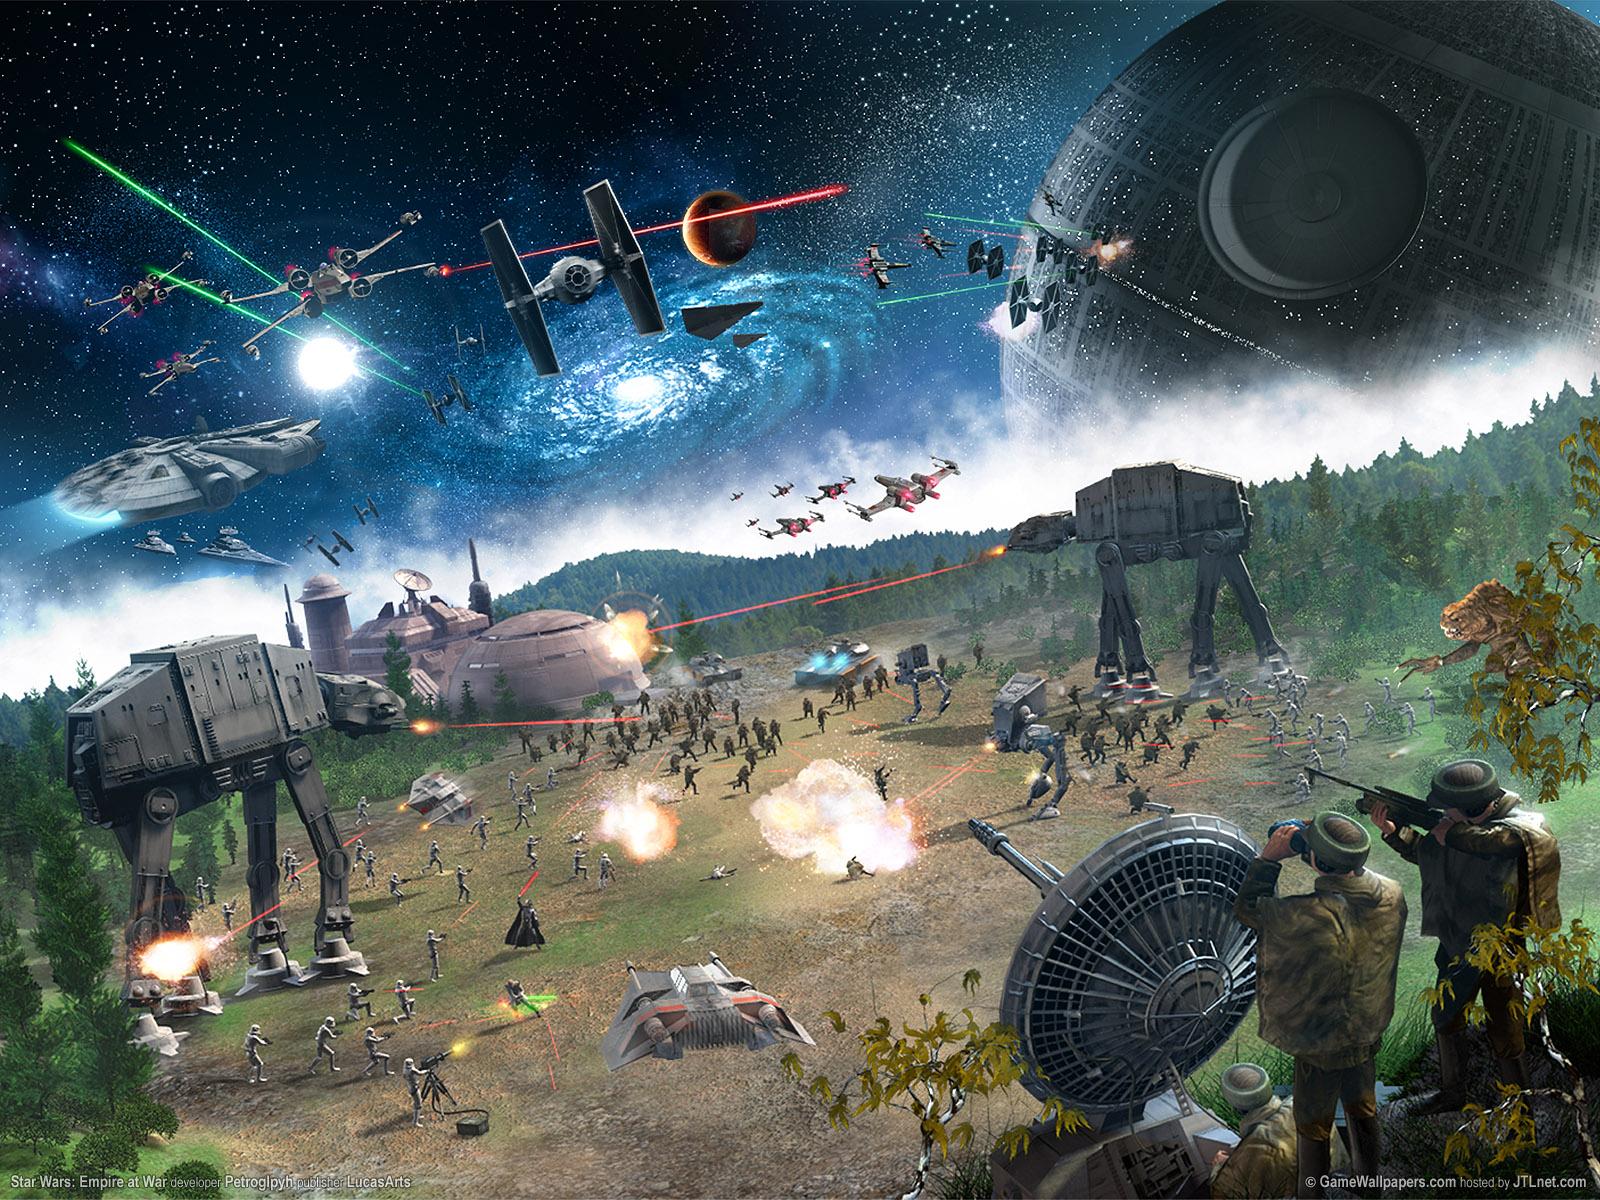 http://4.bp.blogspot.com/_hsRTPvZ34co/THLTPGg_CBI/AAAAAAAAGDI/xR-gyEXg8ck/s1600/wallpaper_star_wars_empire_at_war_04_1600.jpg